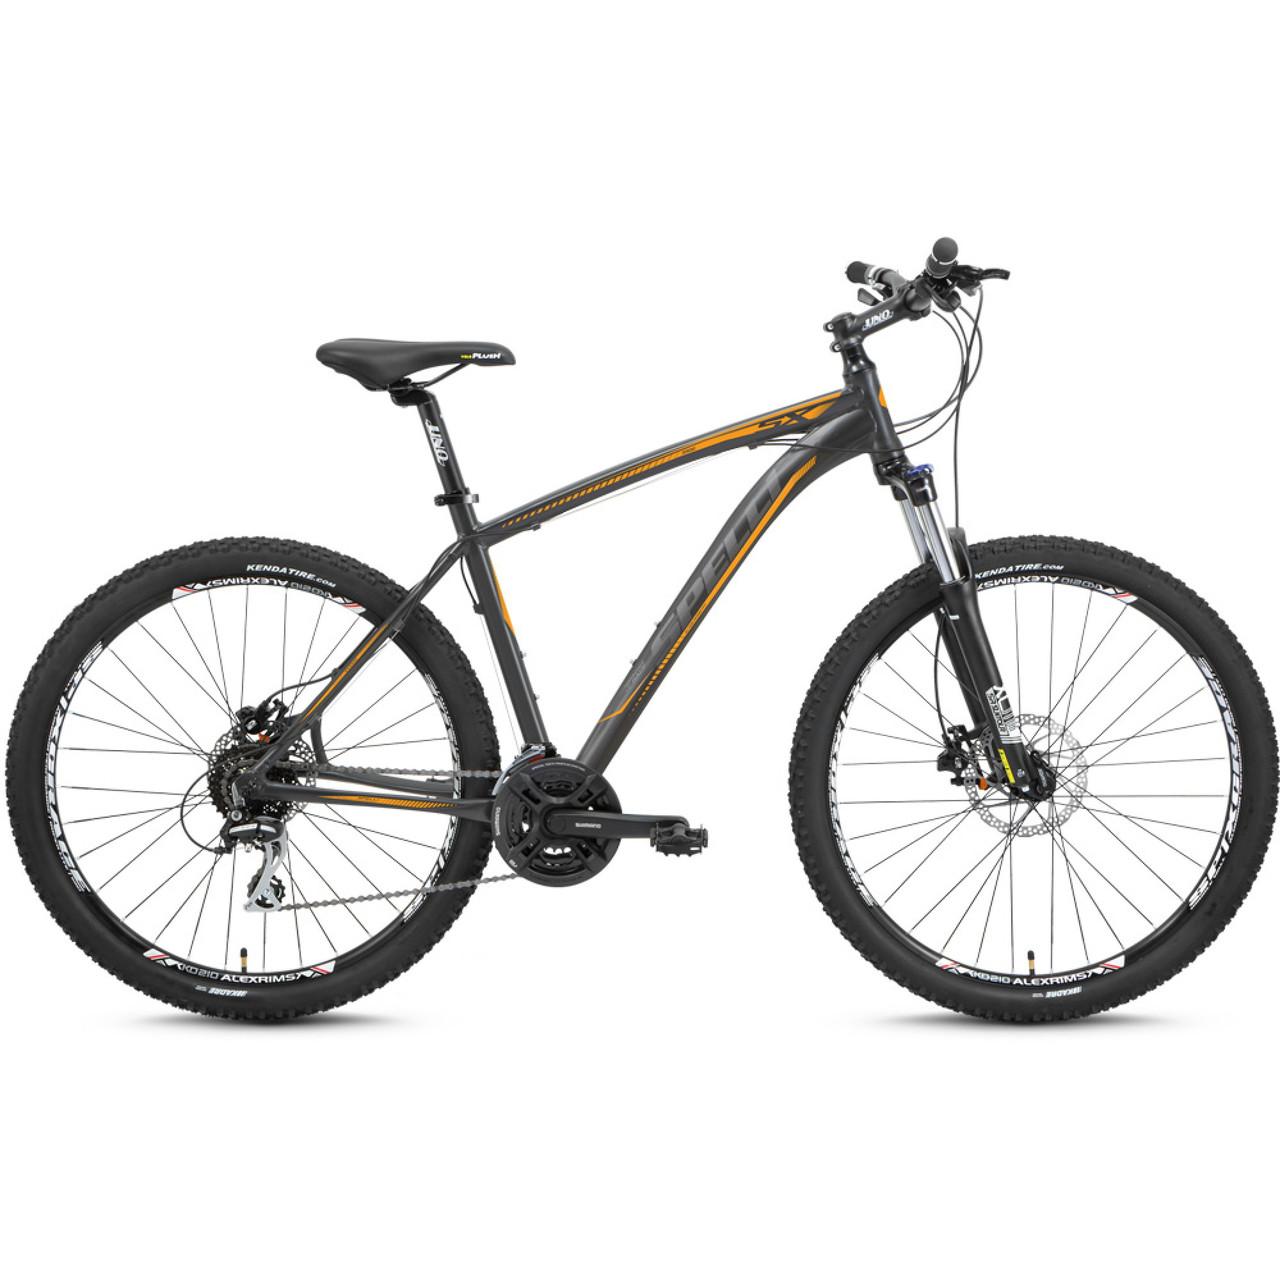 Горный велосипед Spelli SX-5500 Disk 26 гидравлика